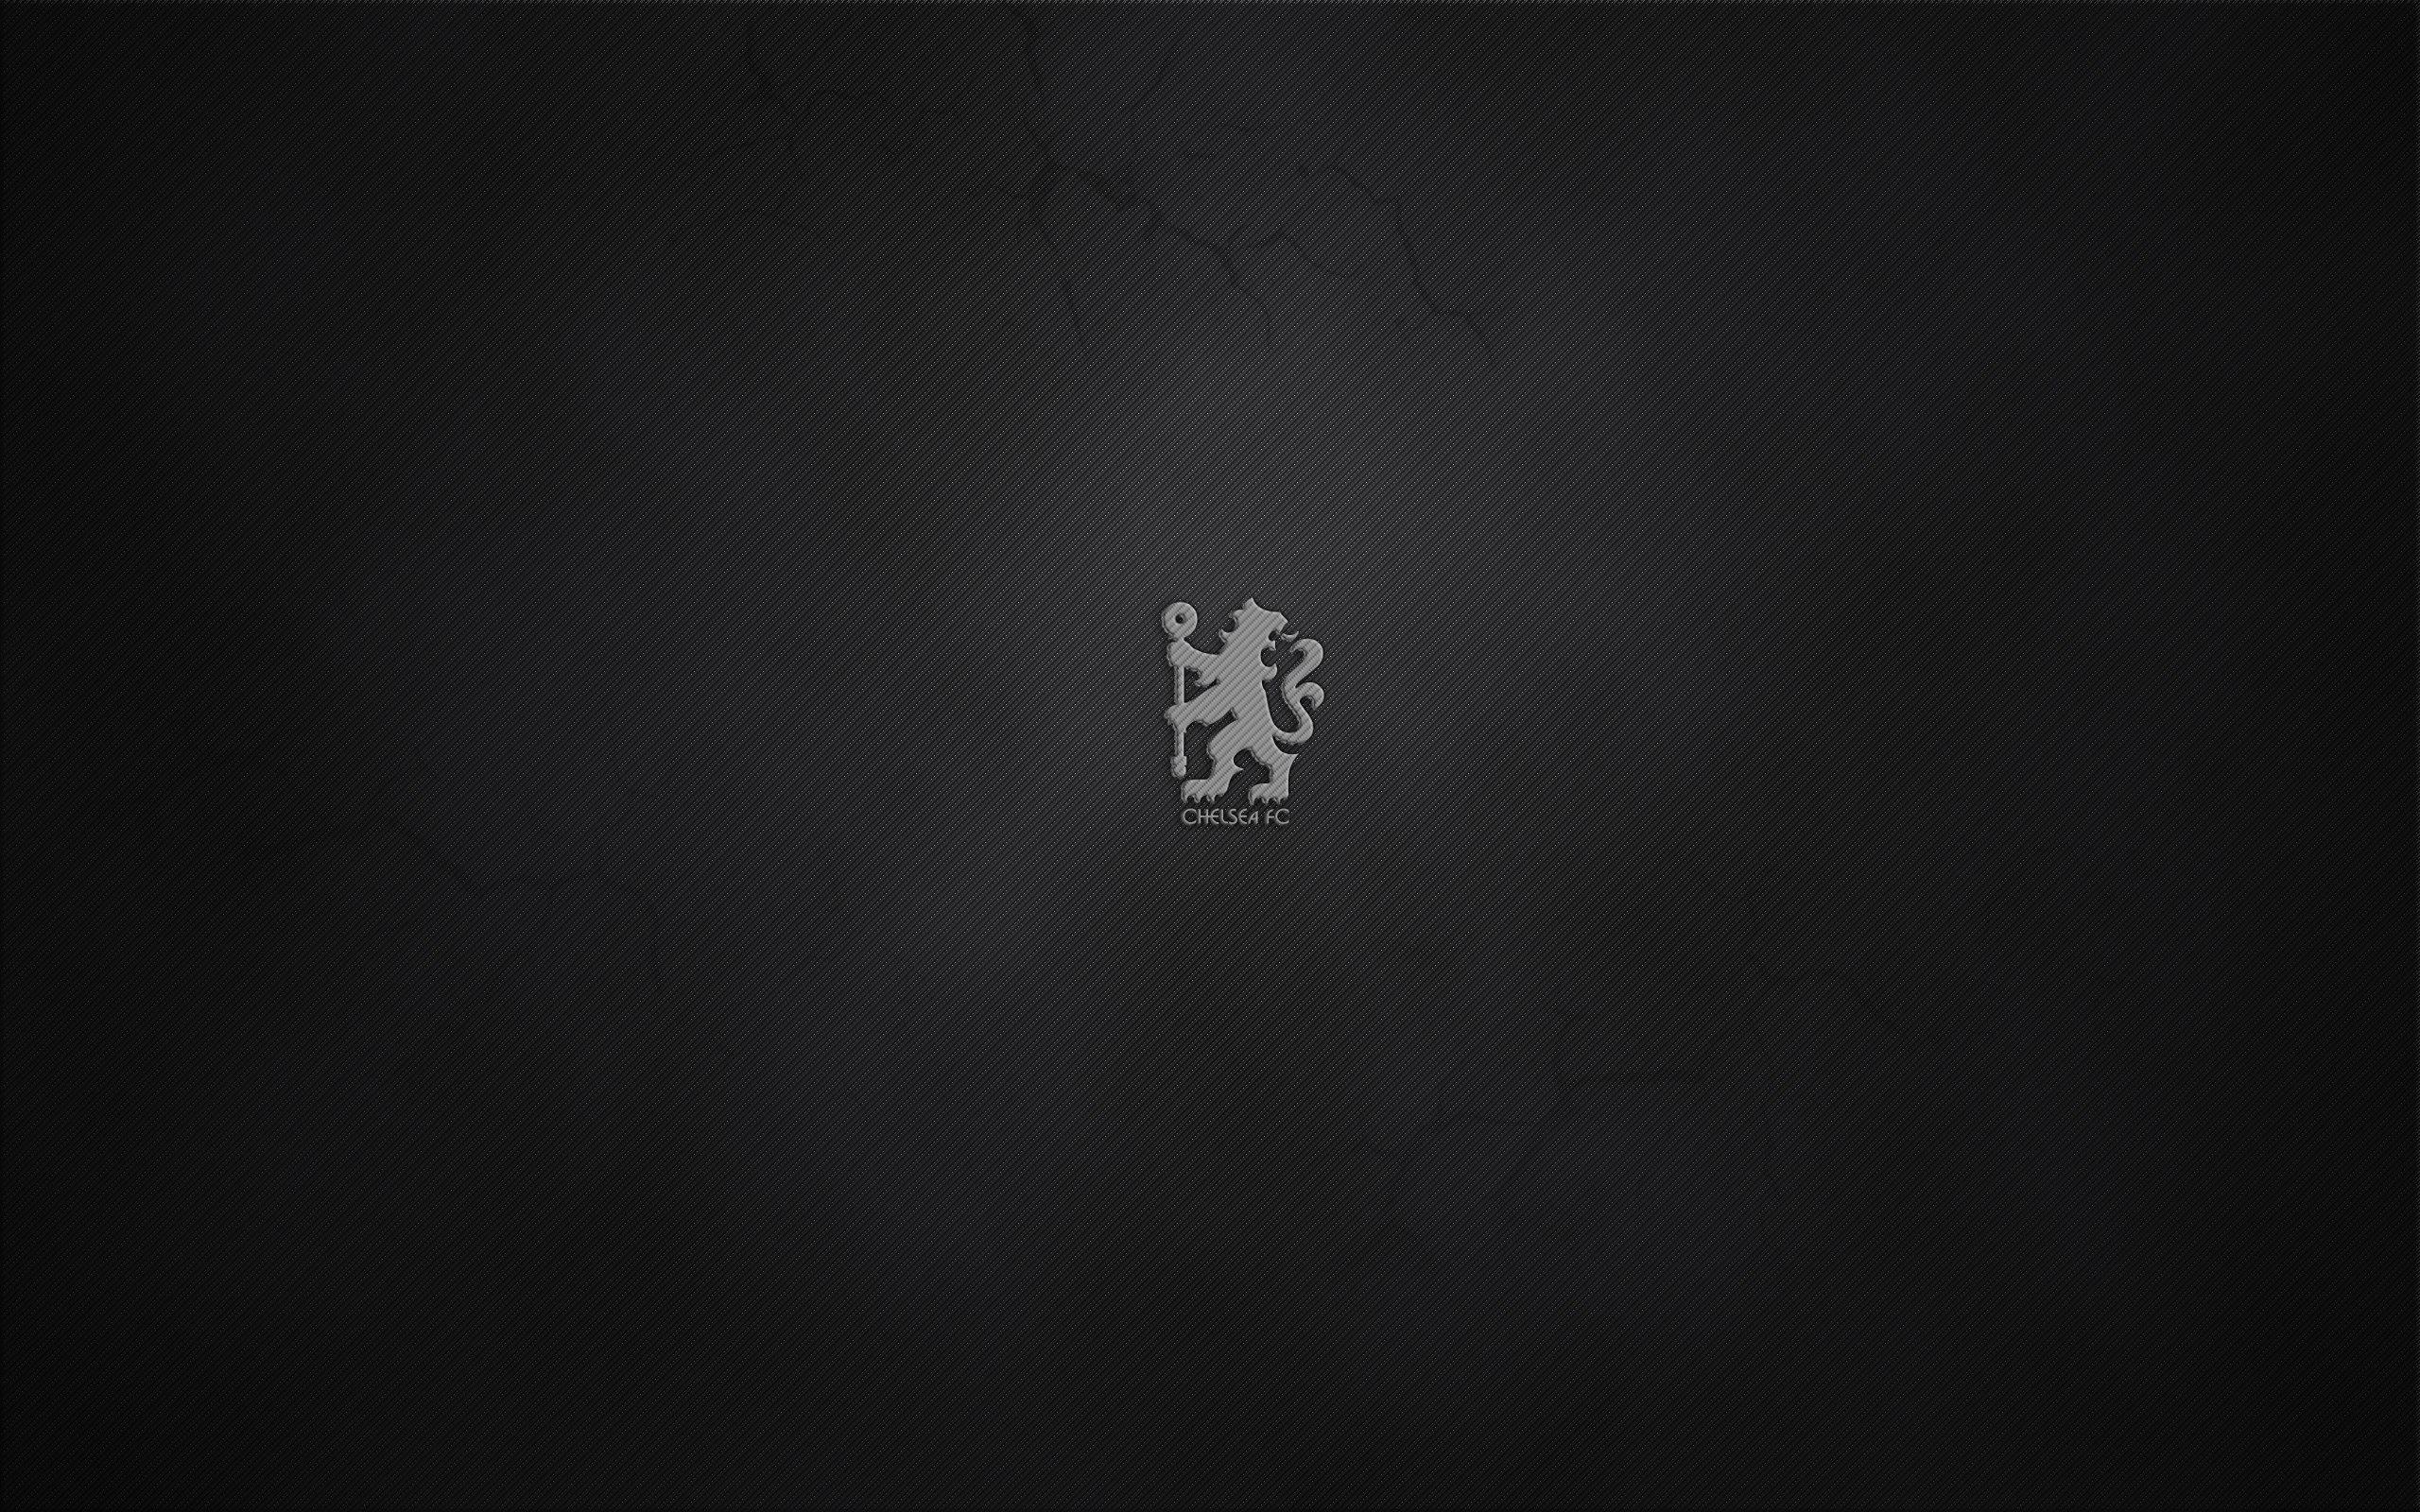 15590 обои 1080x2400 на телефон бесплатно, скачать картинки Челси (Chelsea), Спорт, Фон, Логотипы, Футбол 1080x2400 на мобильный